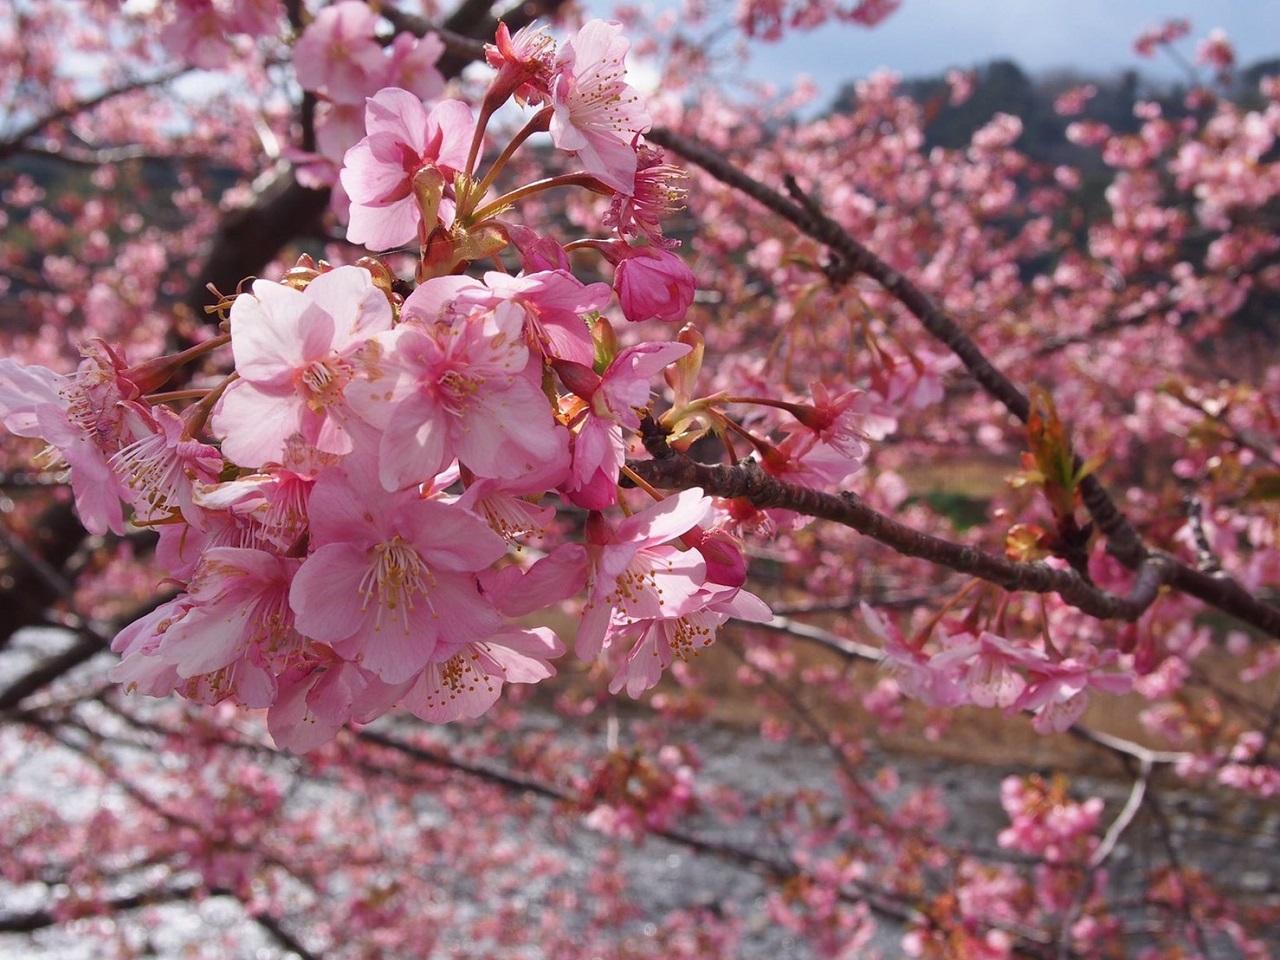 お花見と一緒に楽しめる! お菓子・食品の工場見学3選